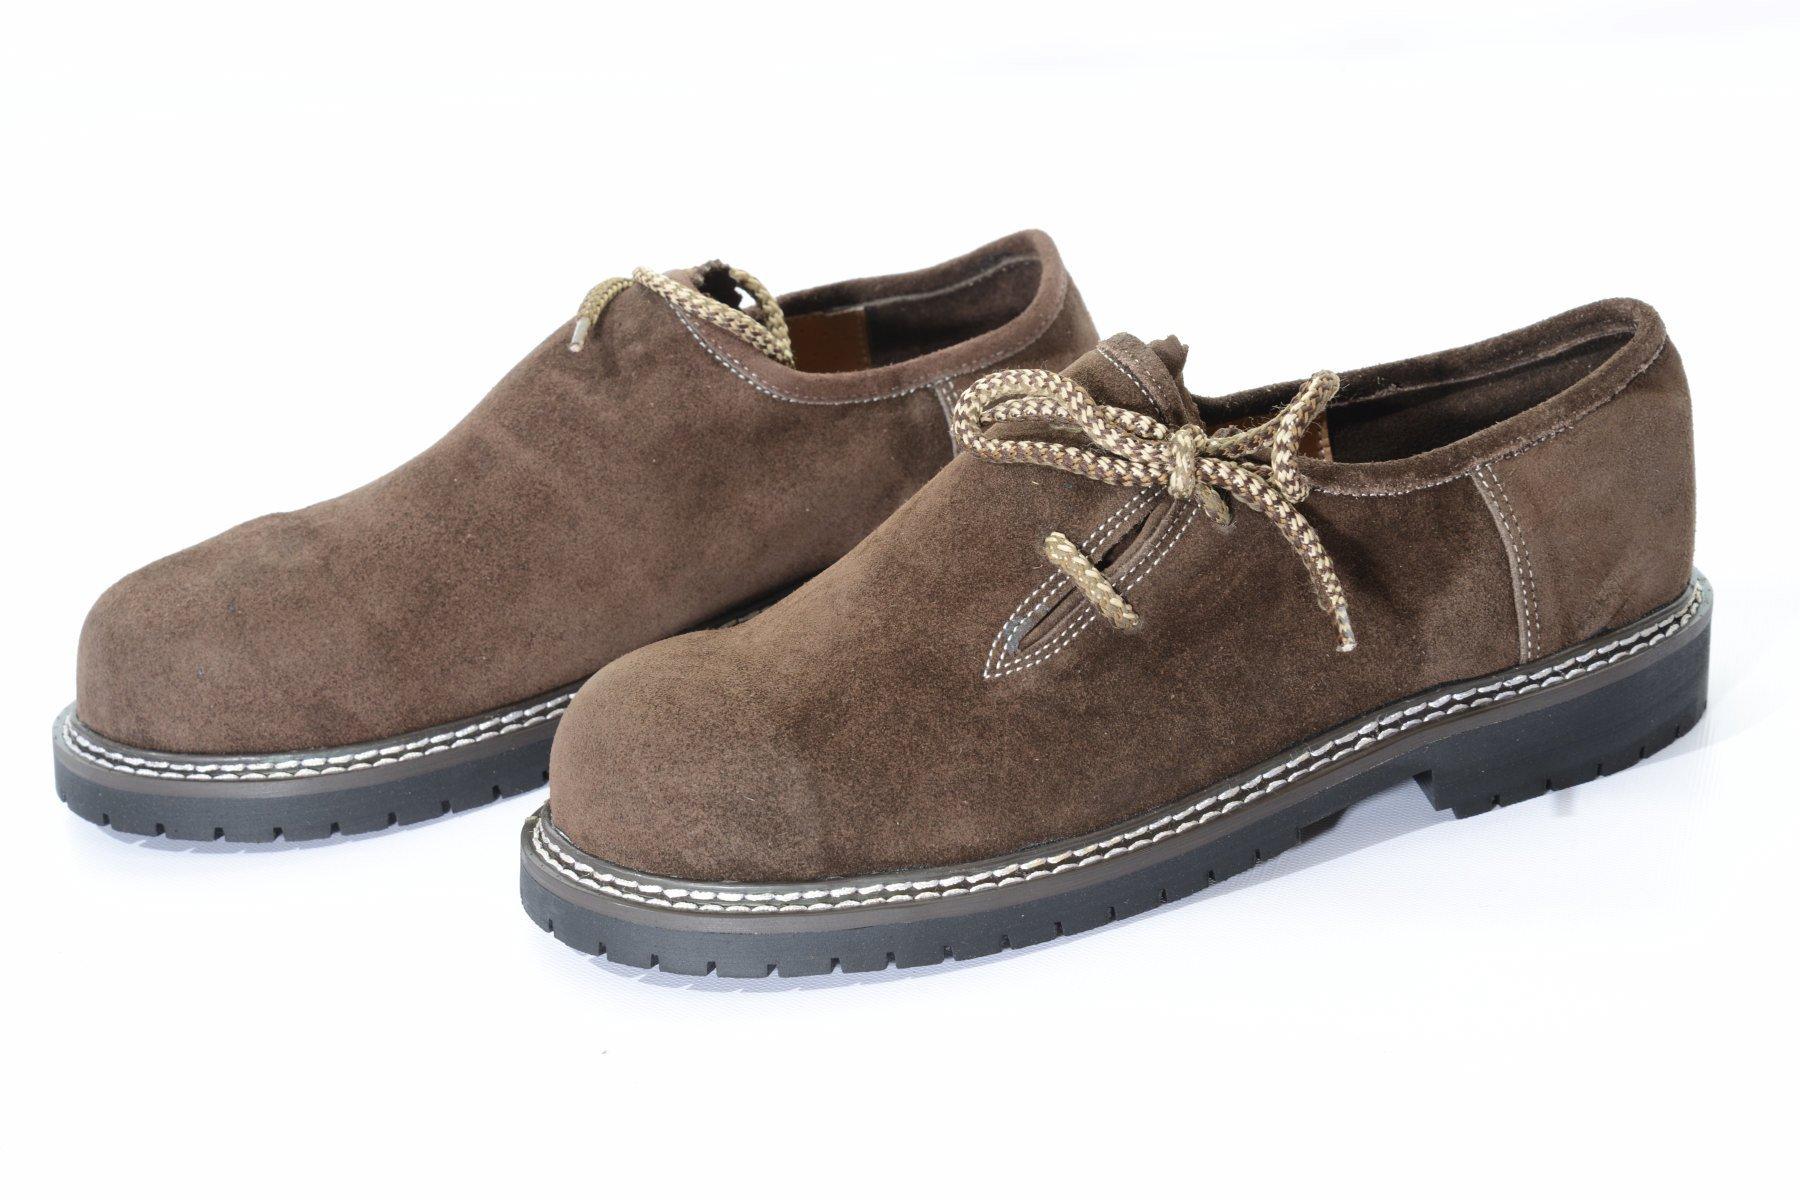 Okotberfest Lederhosen Haferl Shoes by lederhosen4u in dark brown suede leather, 14